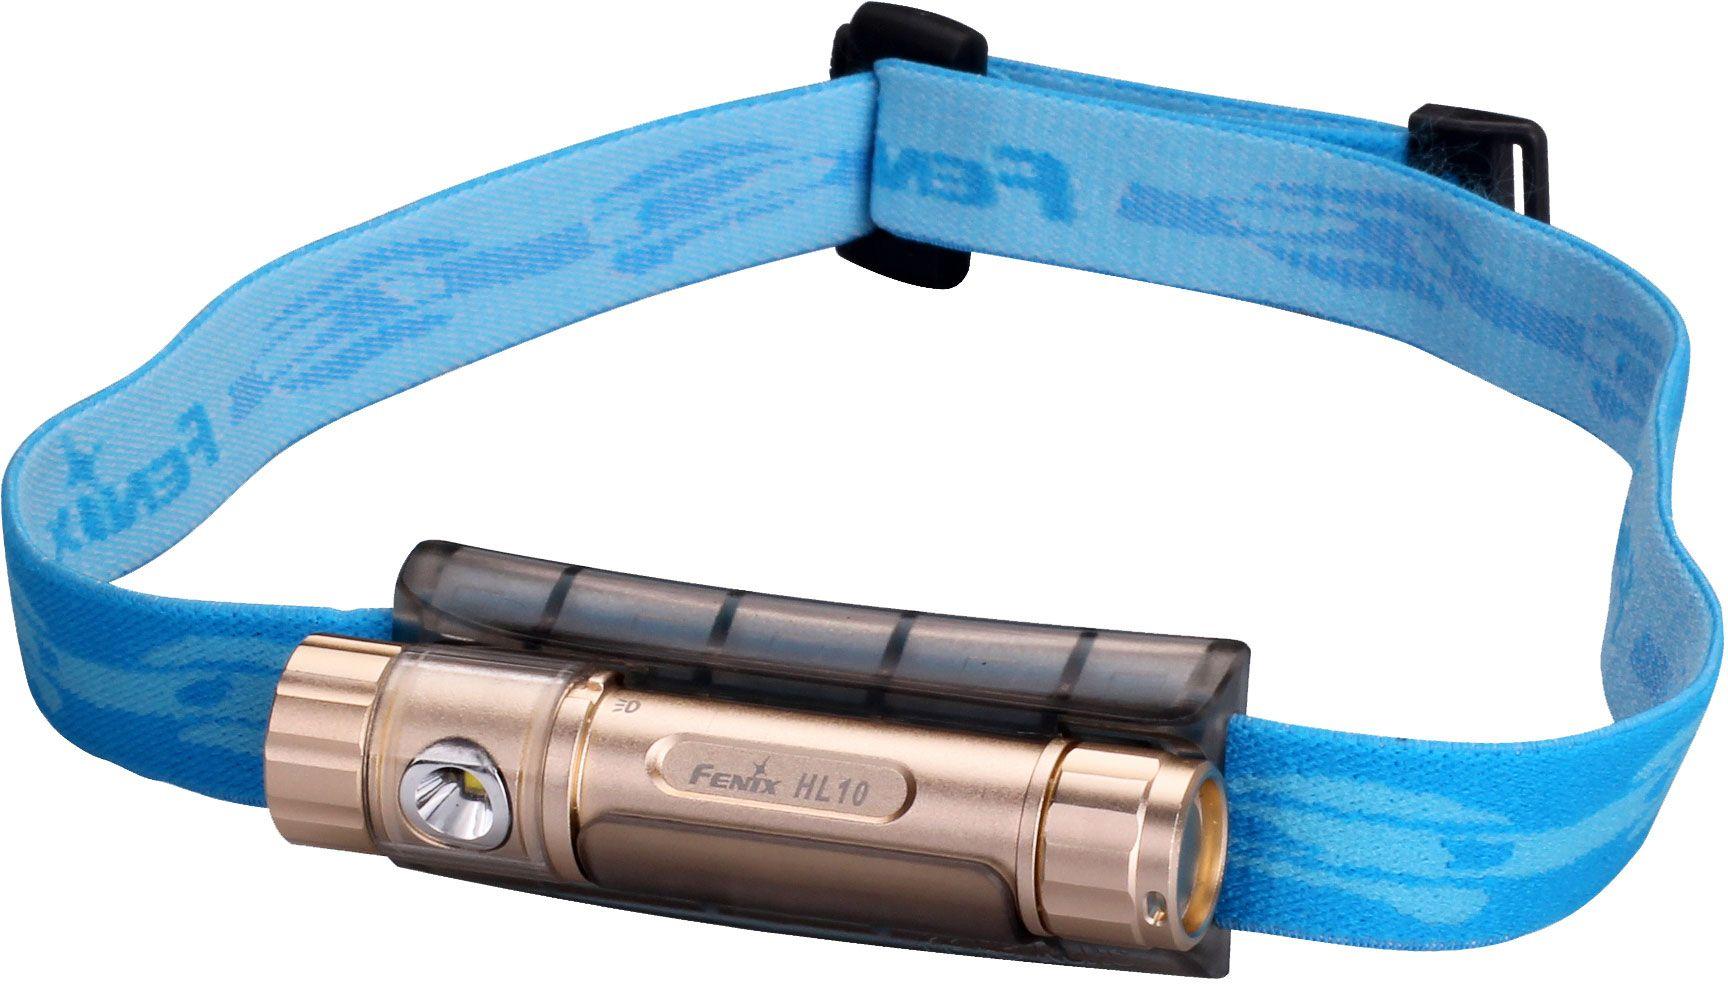 Fenix HL10 LED Headlamp, Gold, 70 Max Lumens